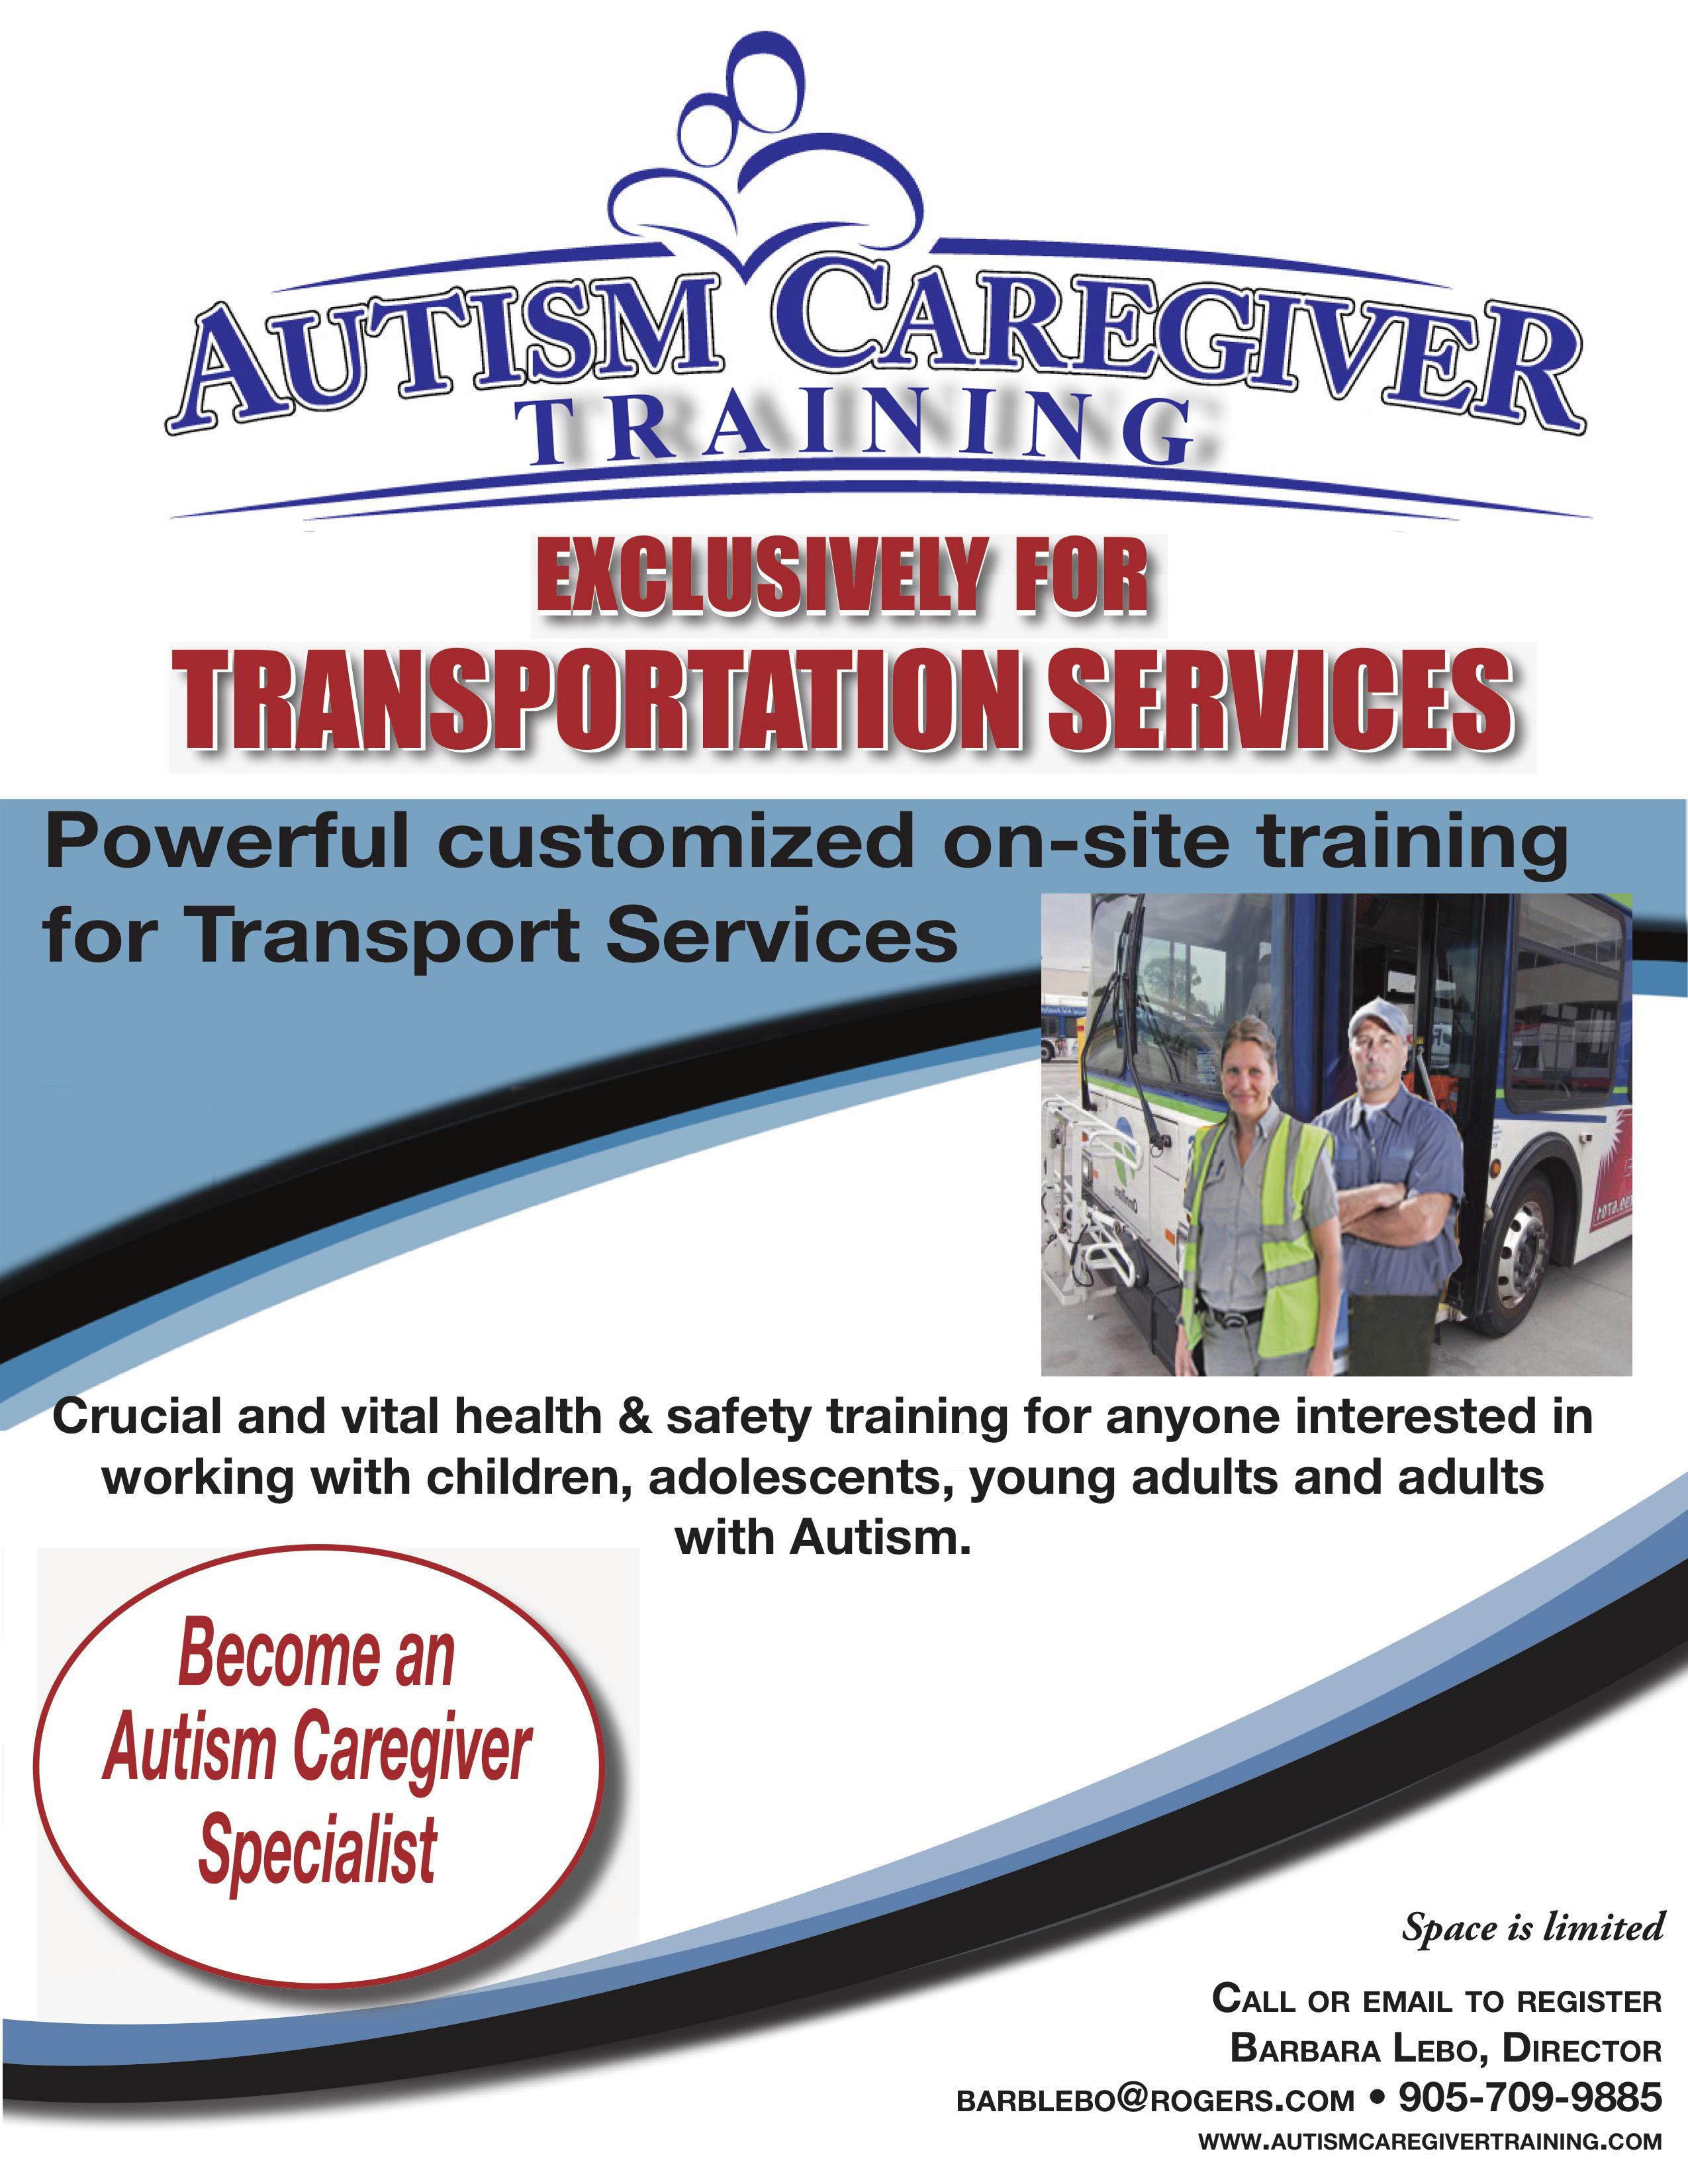 acti \u003d autism caregivertraining institute09885 Artigo Transporte #19